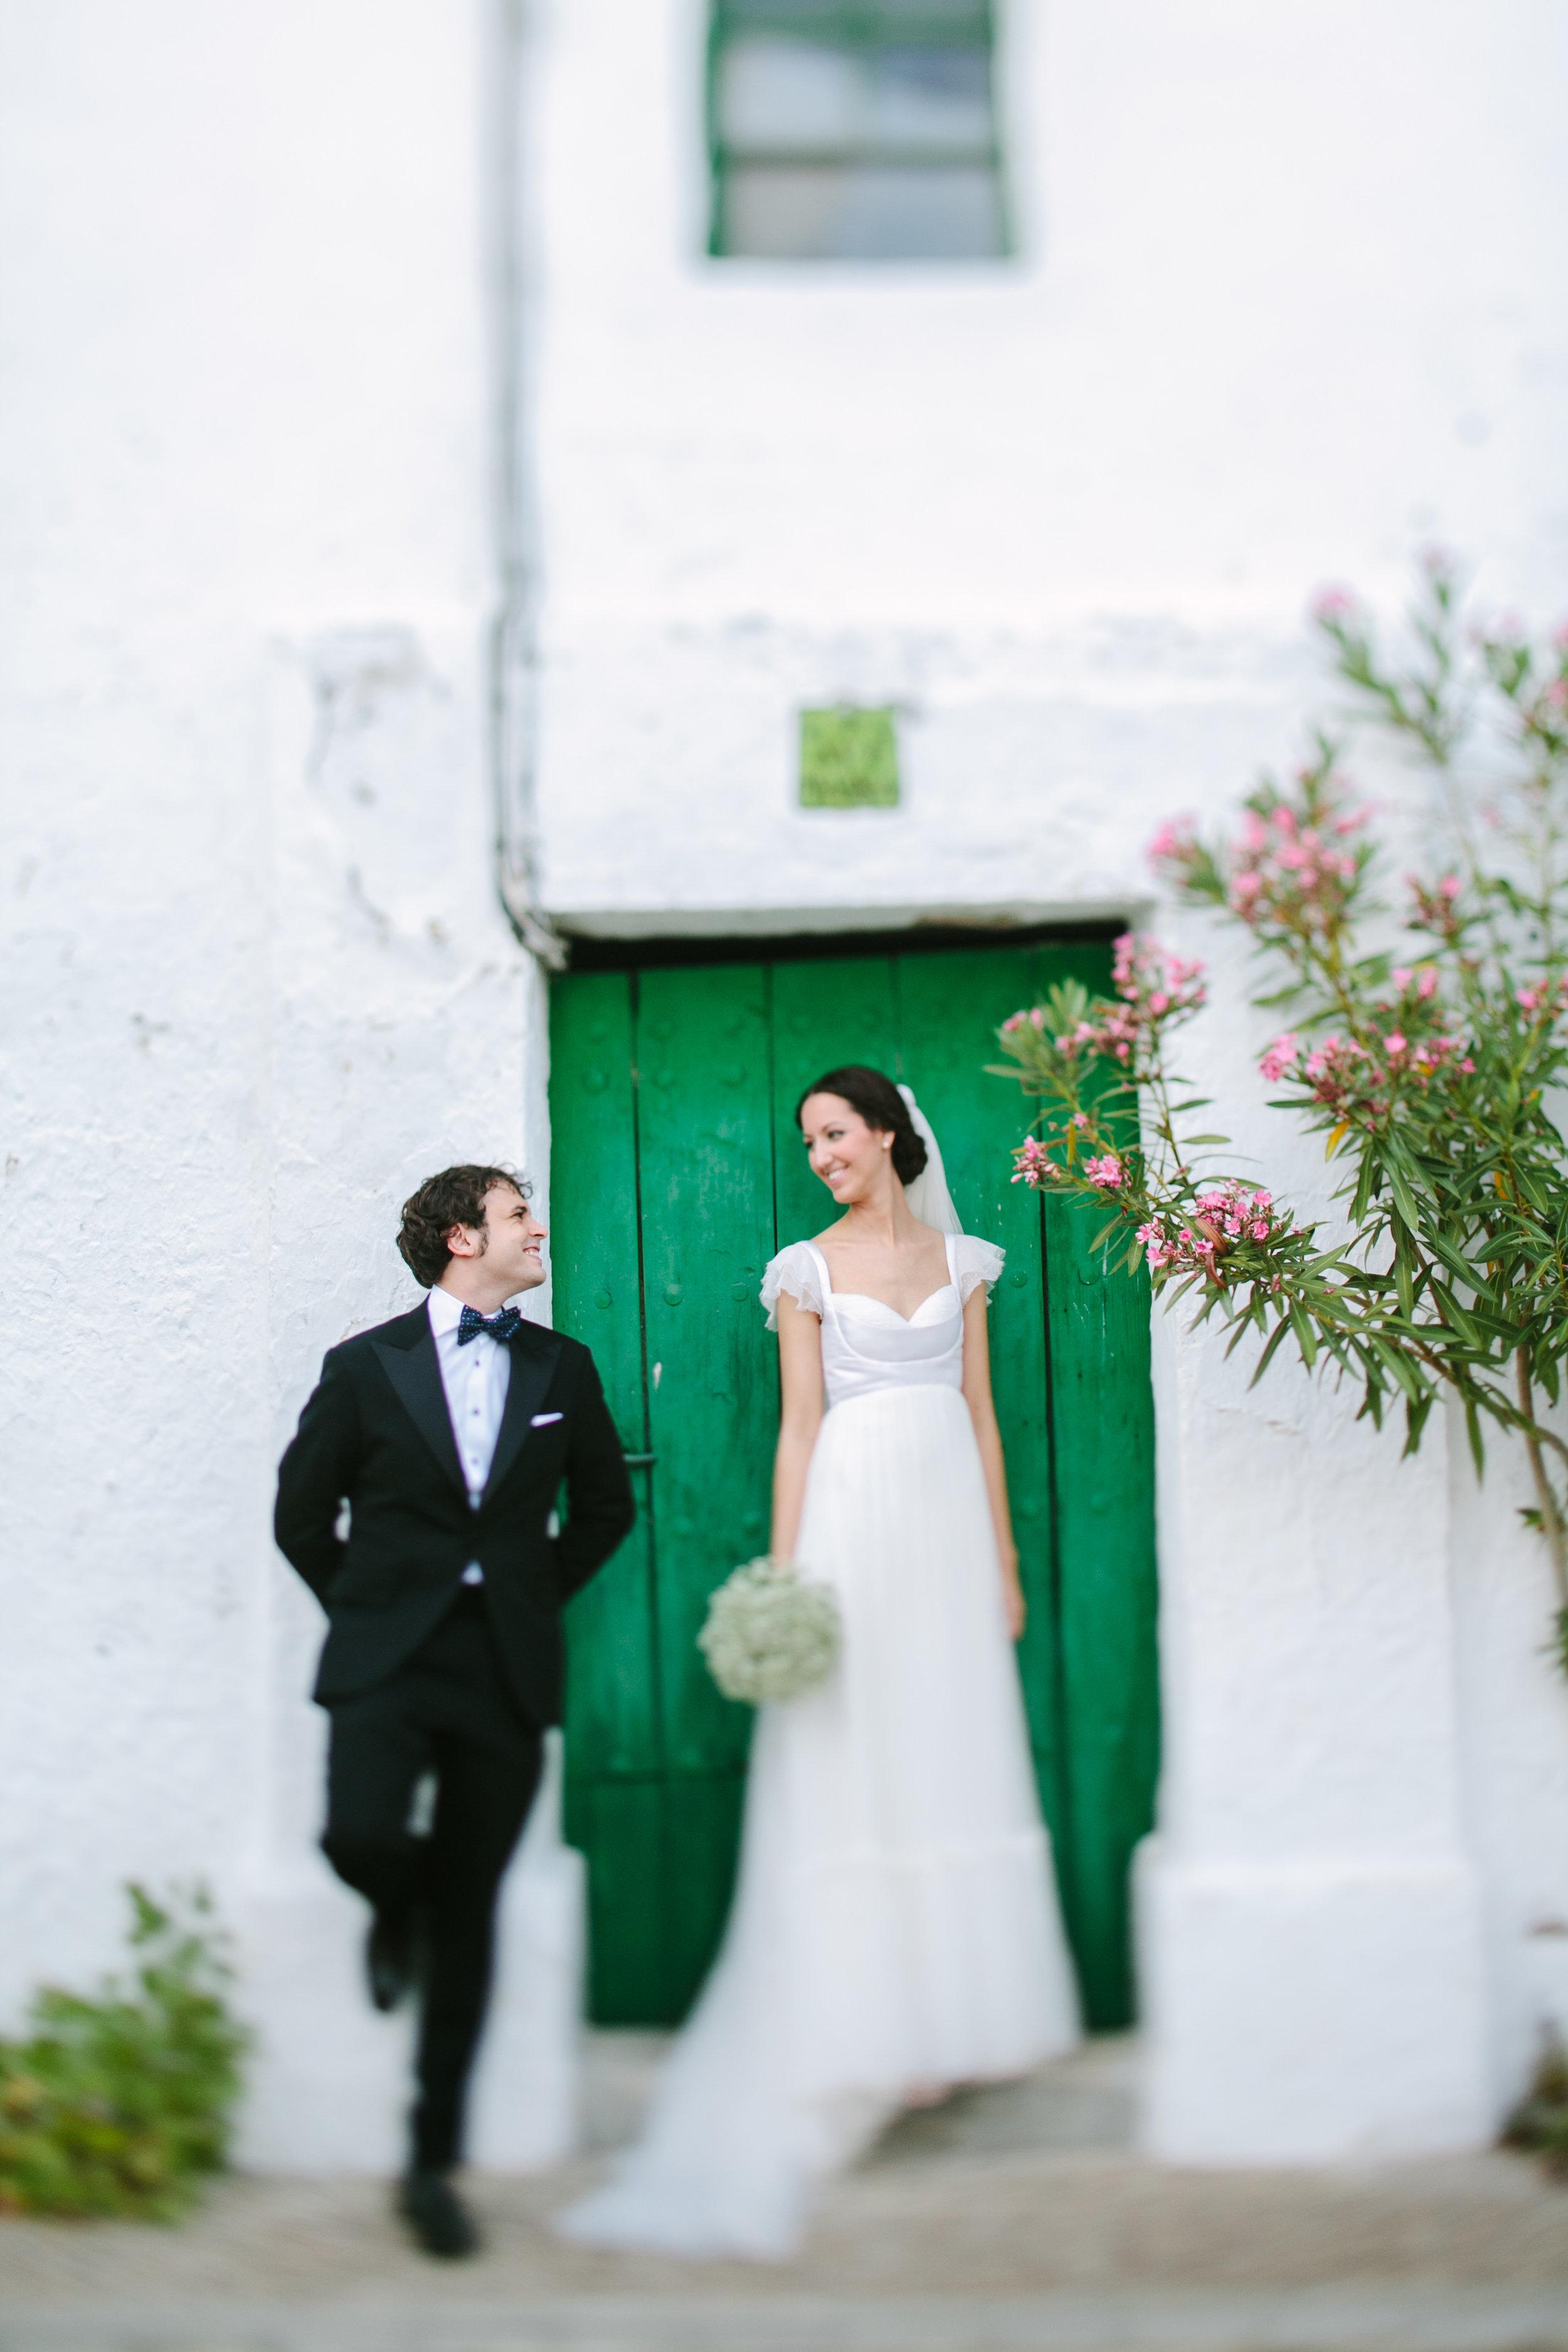 Bea y Mario 74@Jimena Roquero Photography.jpg